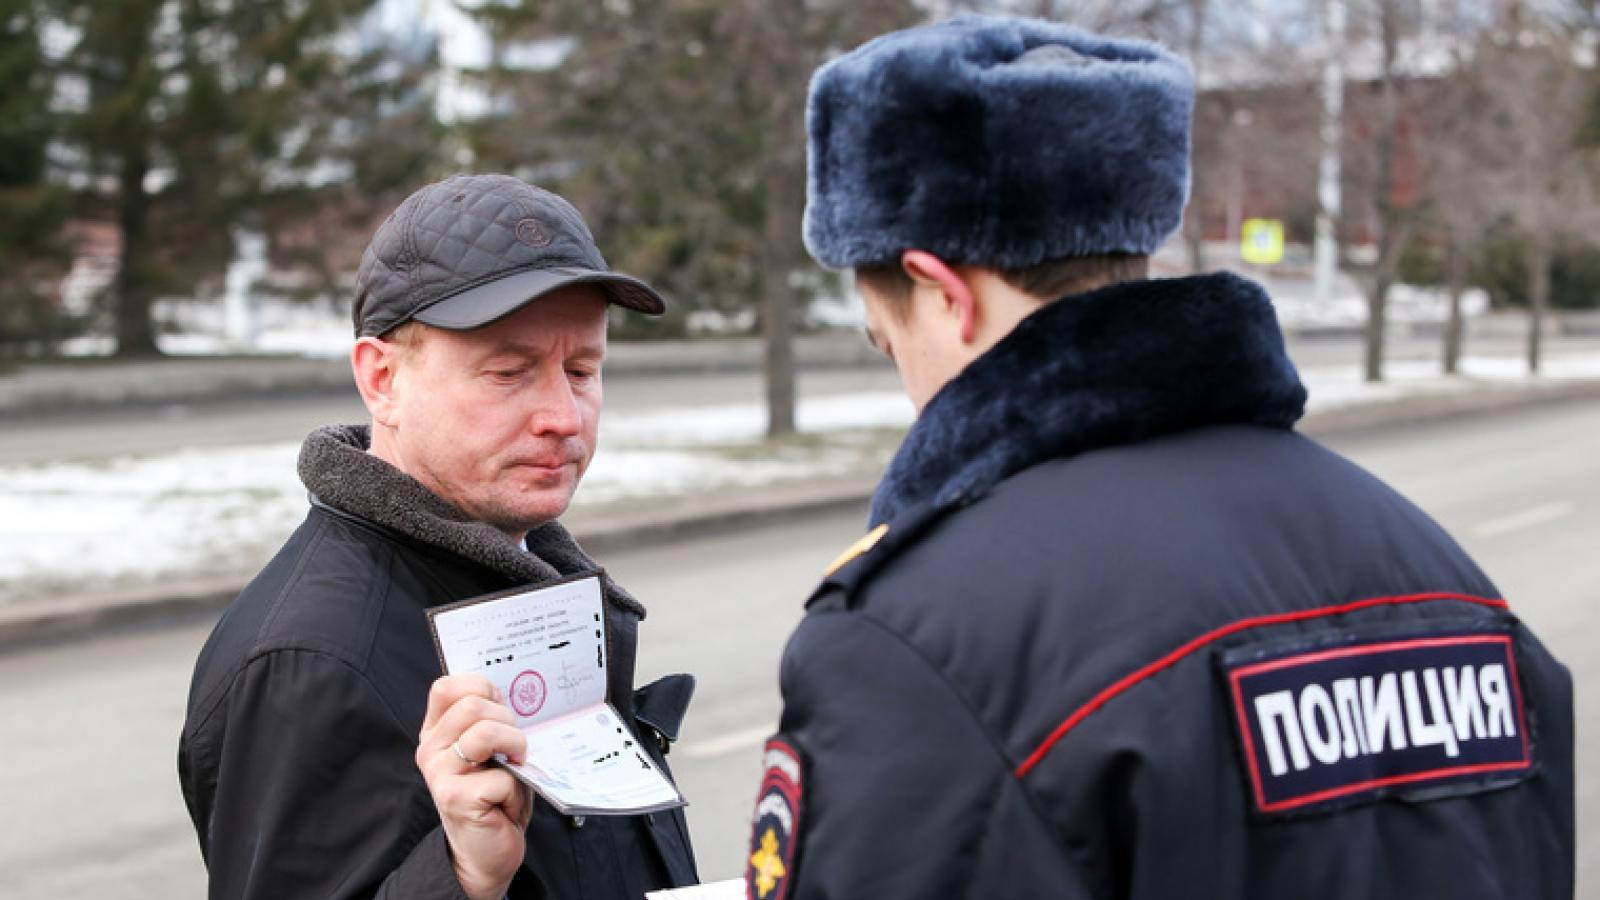 Полицейские будут проверять телефоны граждан на улицах